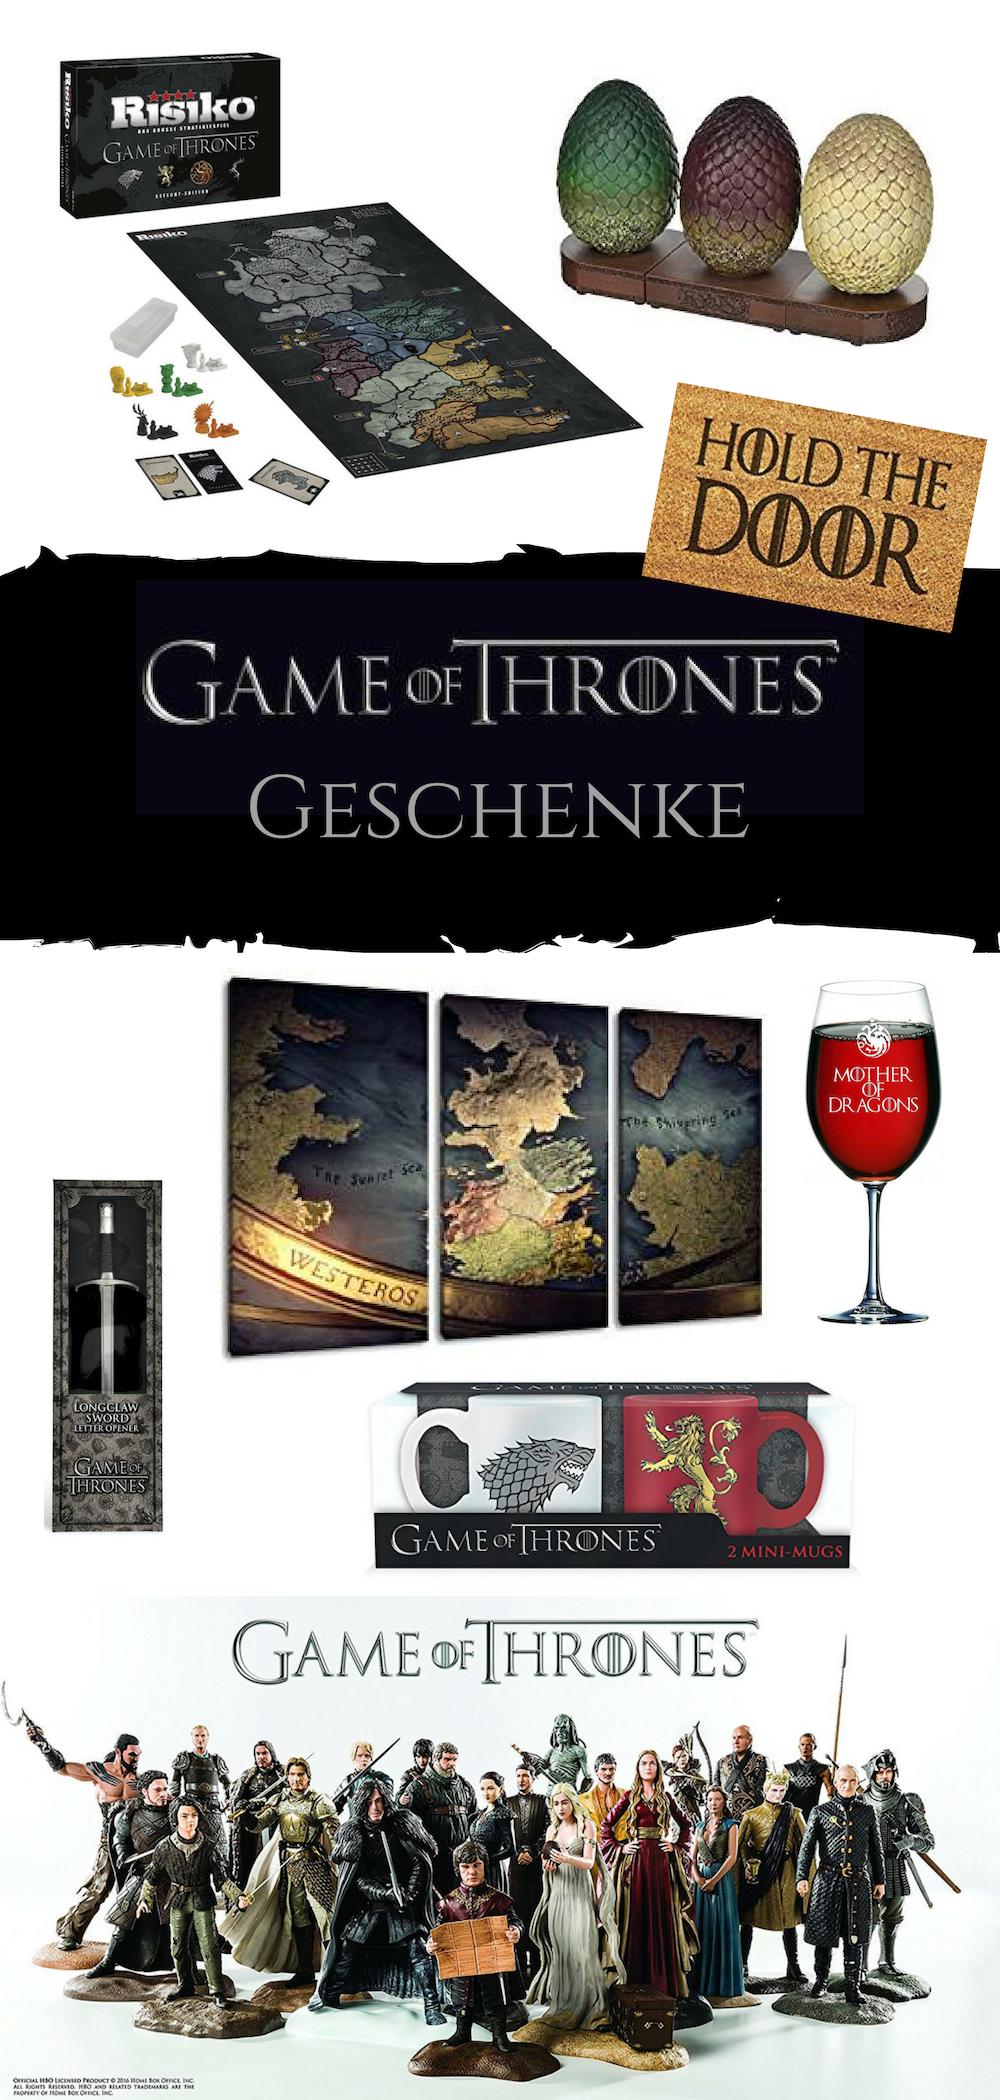 Haus vorderseite seitenwand design suchst du nach geschenkideen für einen game of thrones fan hier